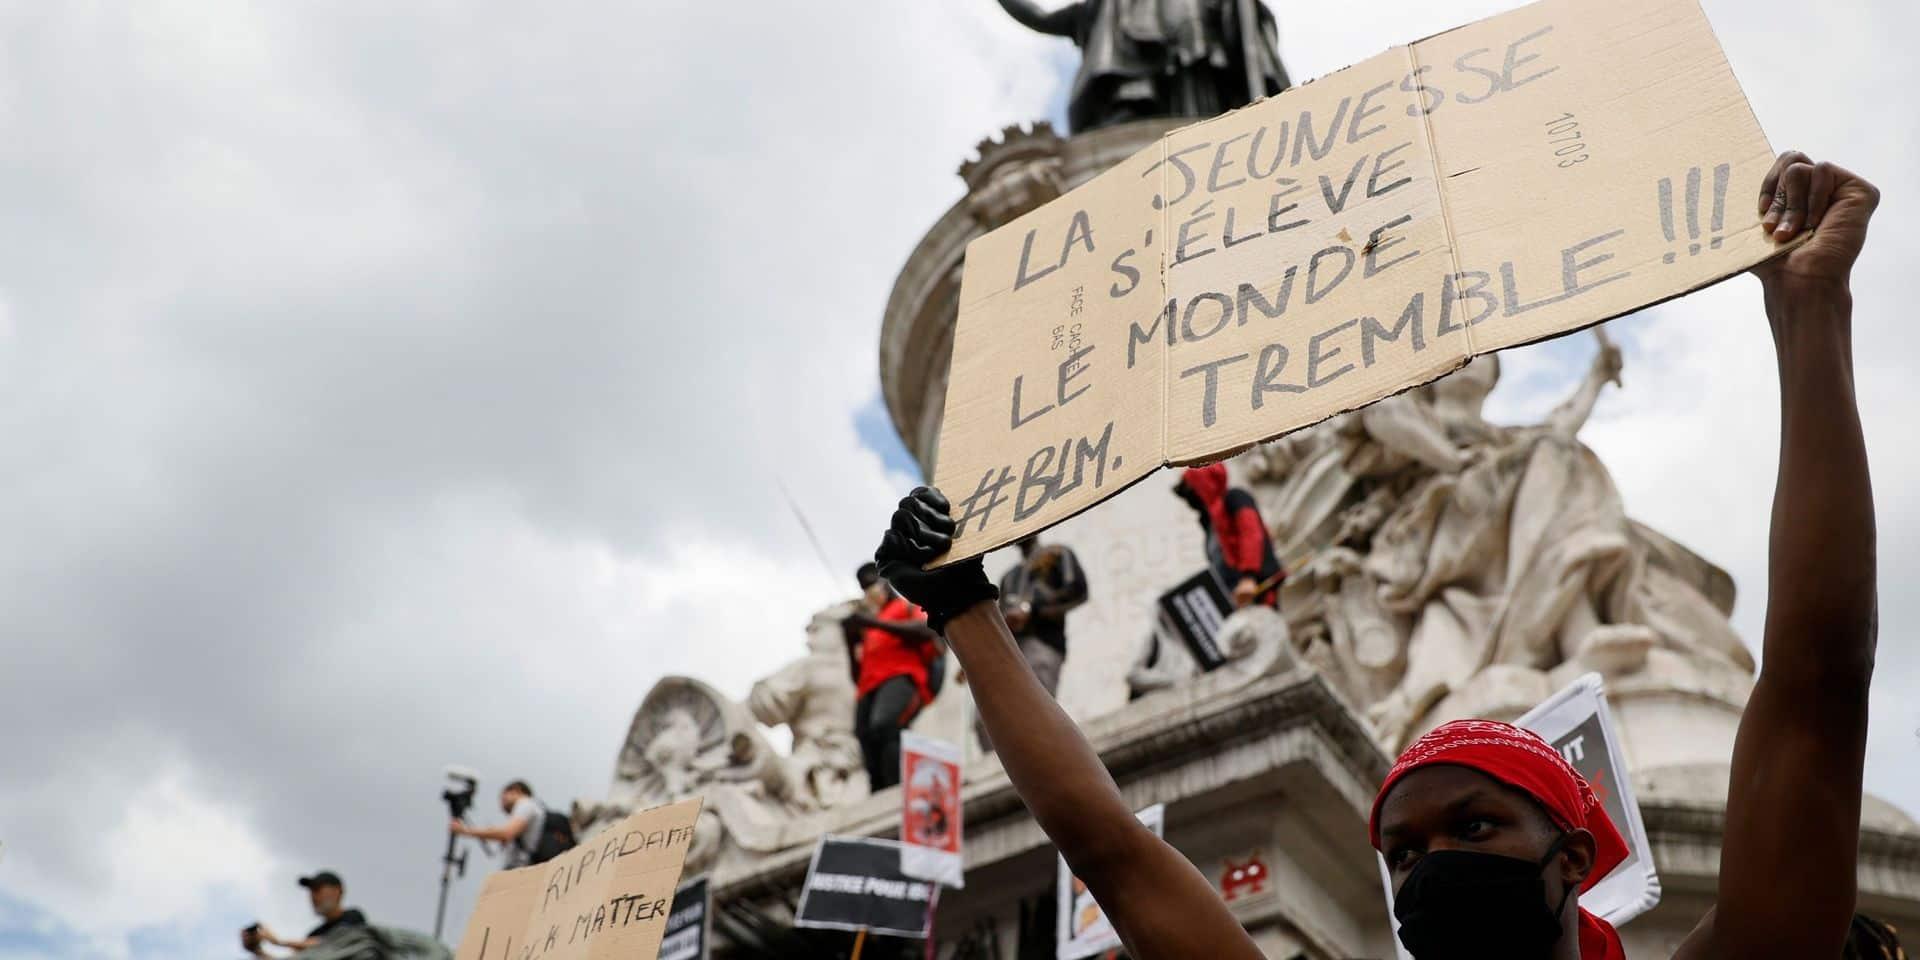 Nouvelle journée de mobilisation en France contre les violences policières